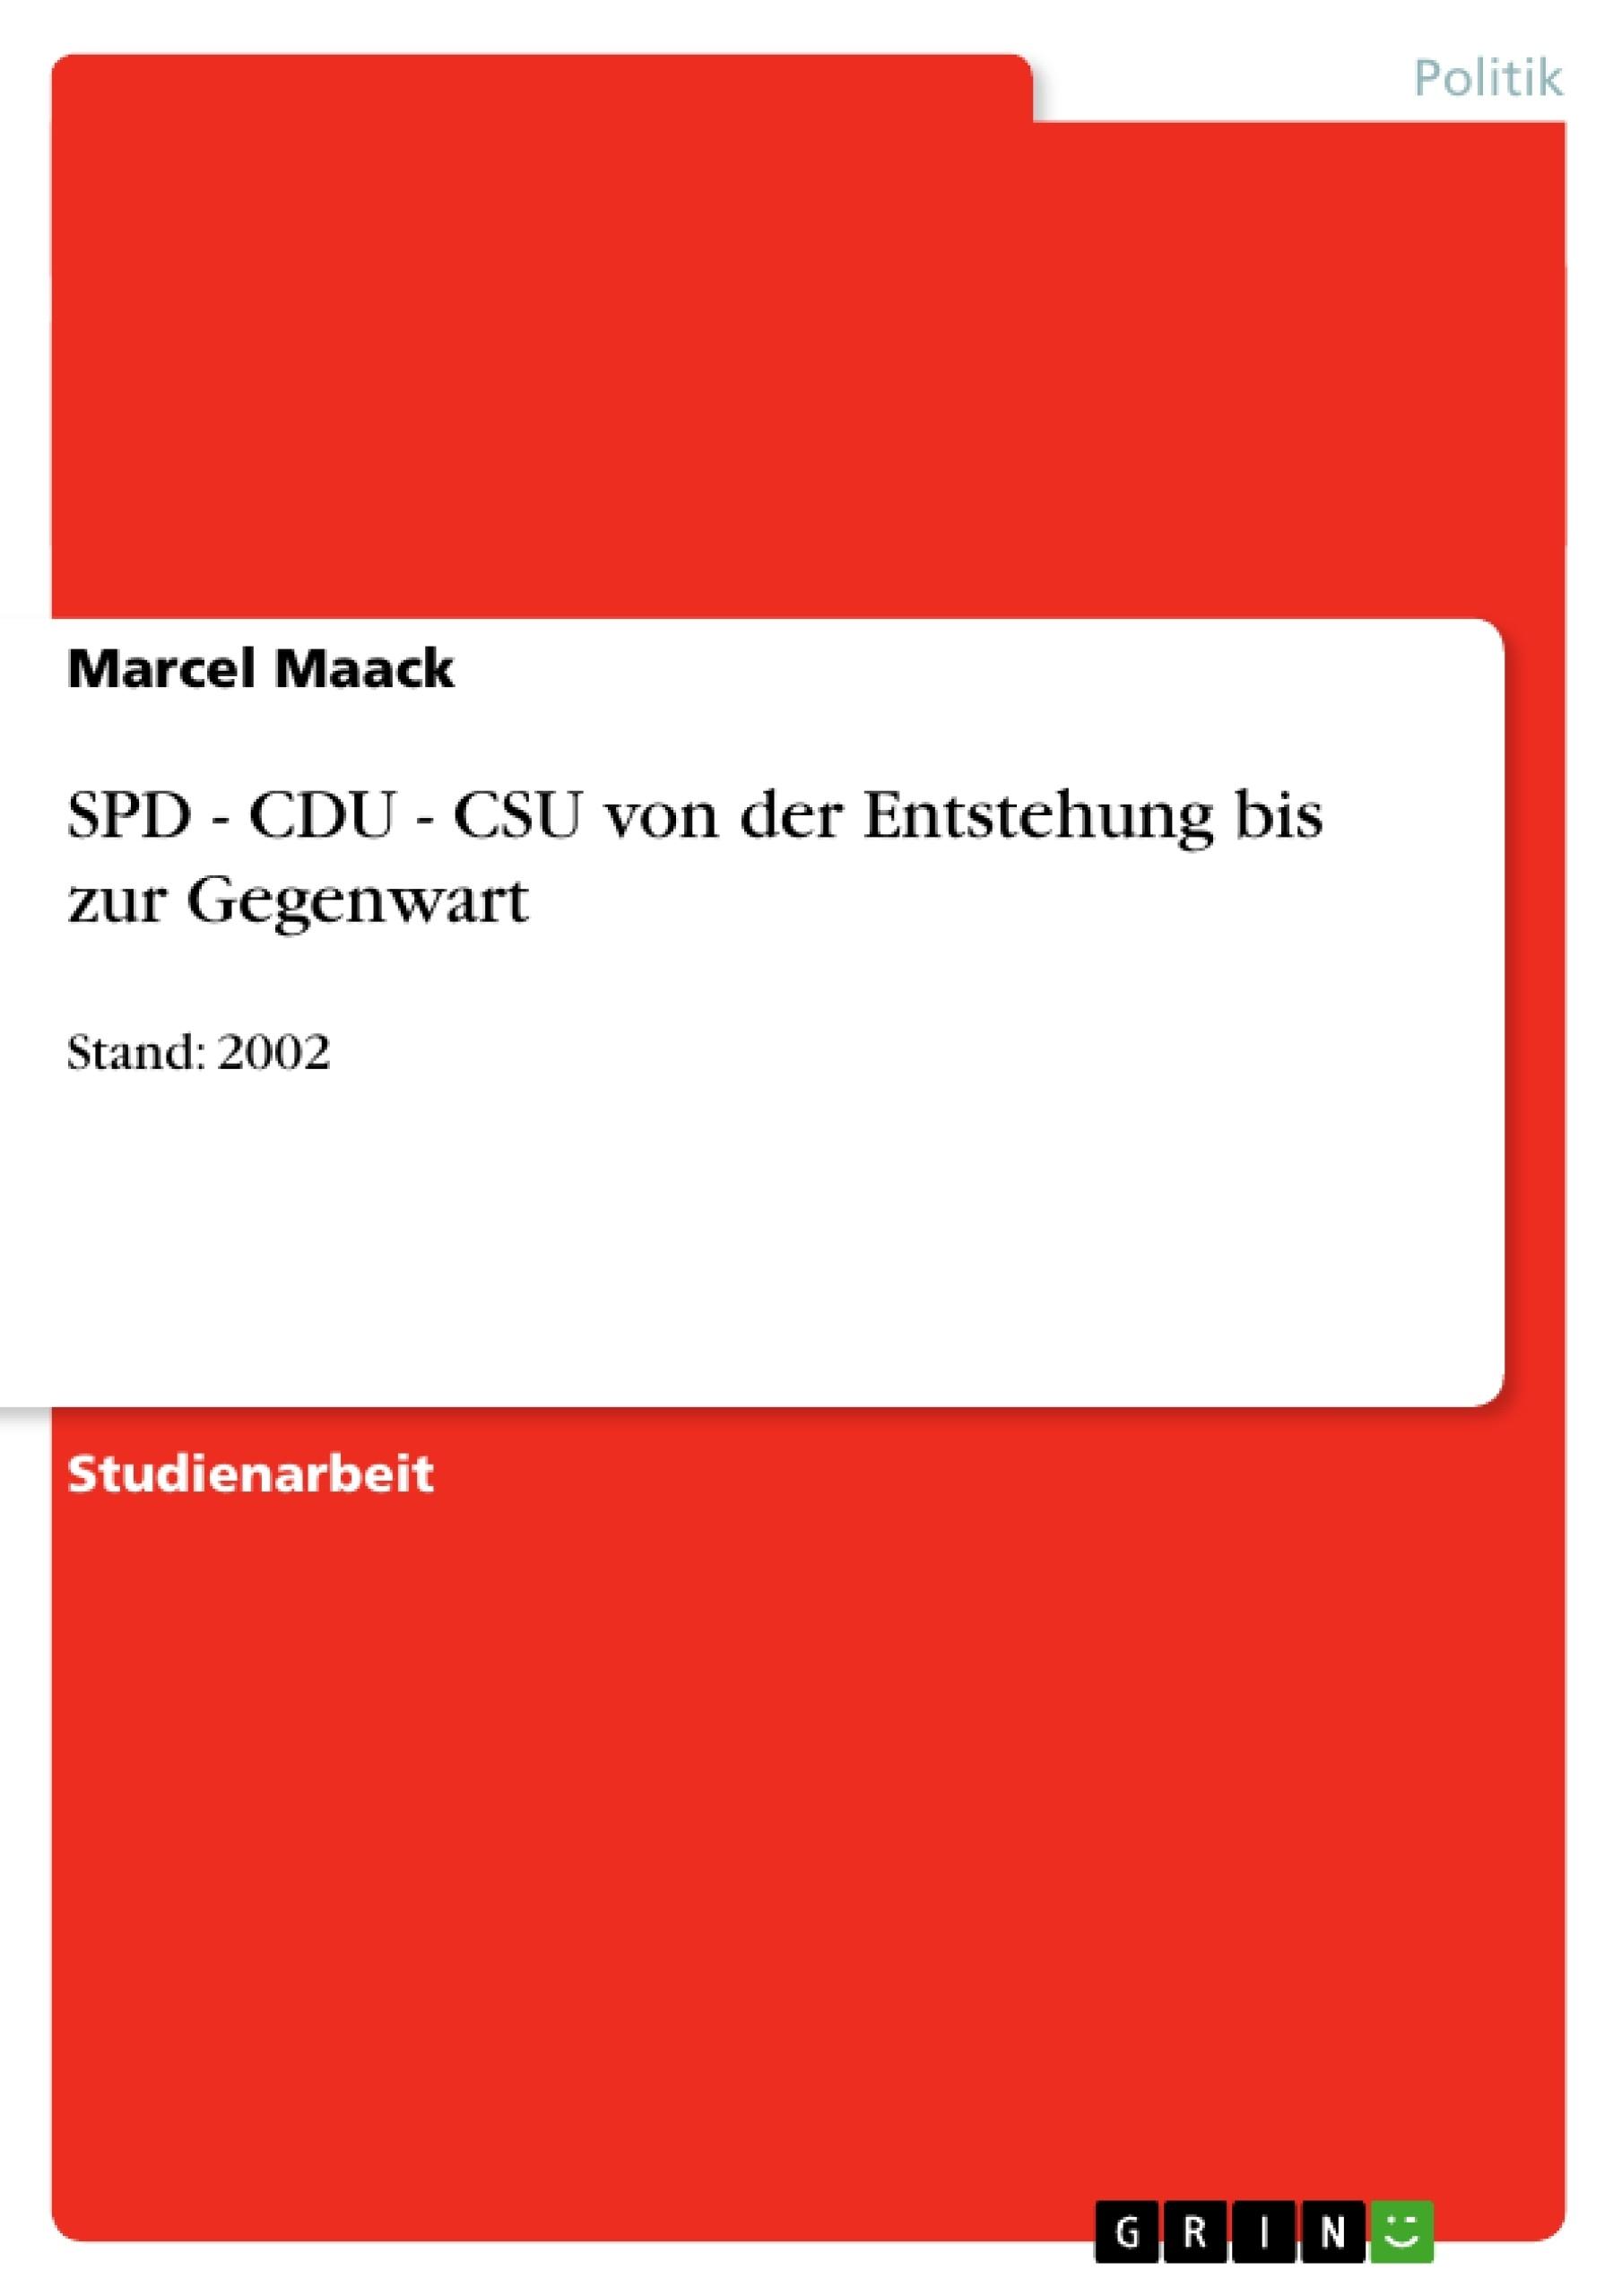 Titel: SPD - CDU - CSU von der Entstehung bis zur Gegenwart